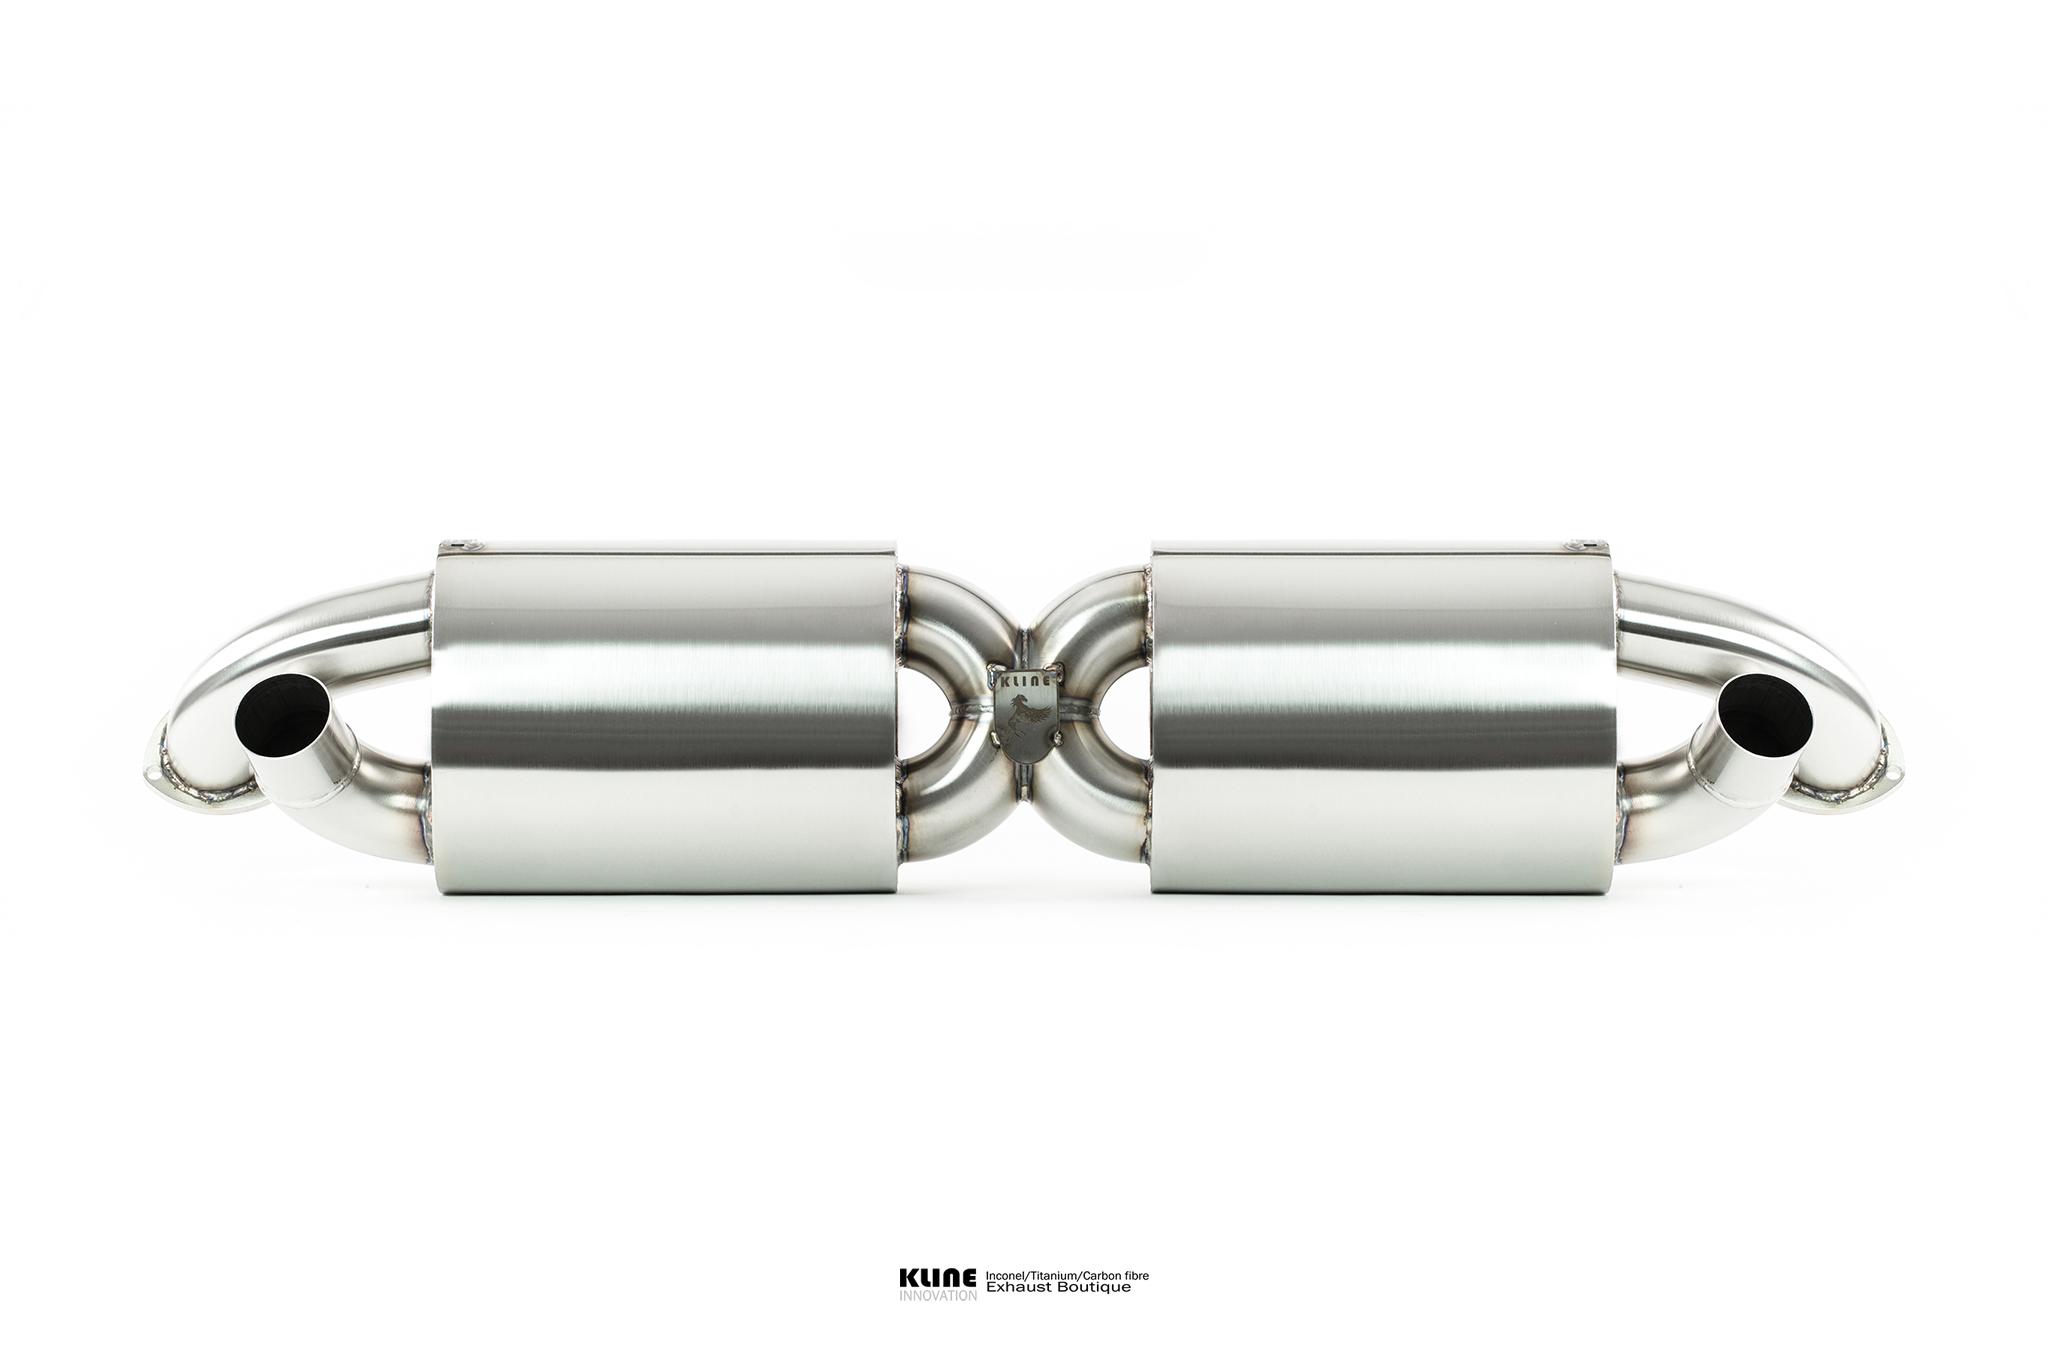 Porsche 996 Turbo Exhaust • Kline Innovation